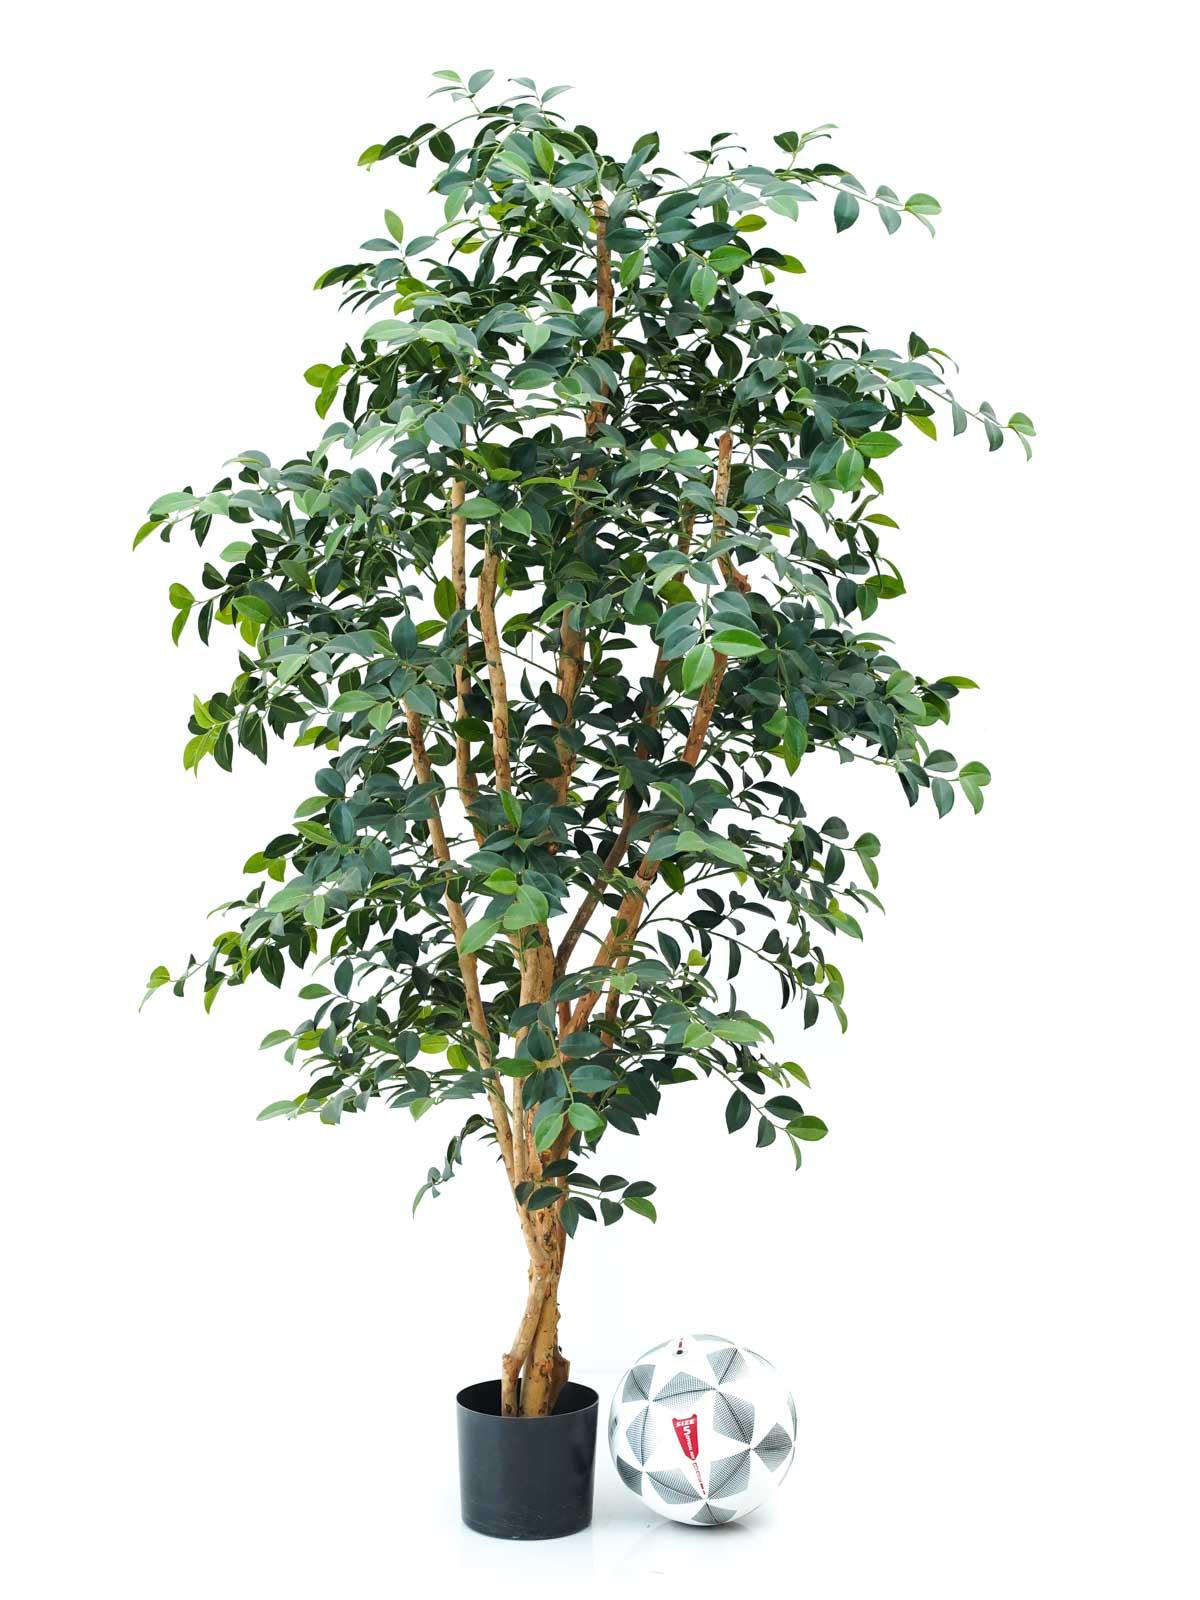 Sazanka Tree Large Shopping